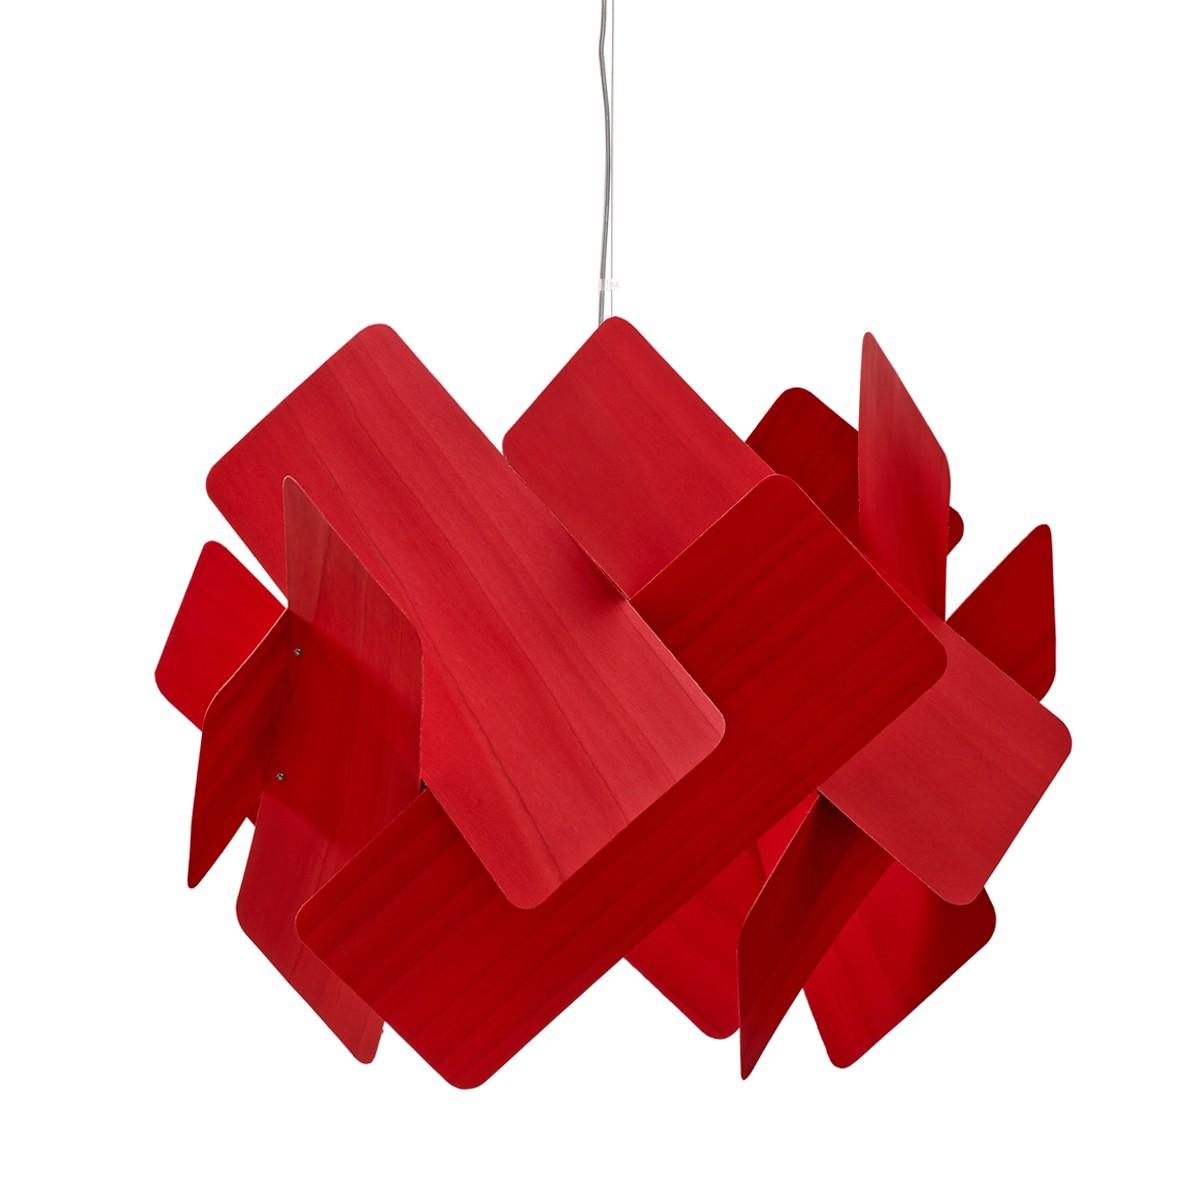 LZF Lamps Escape Large Pendelleuchte, rot